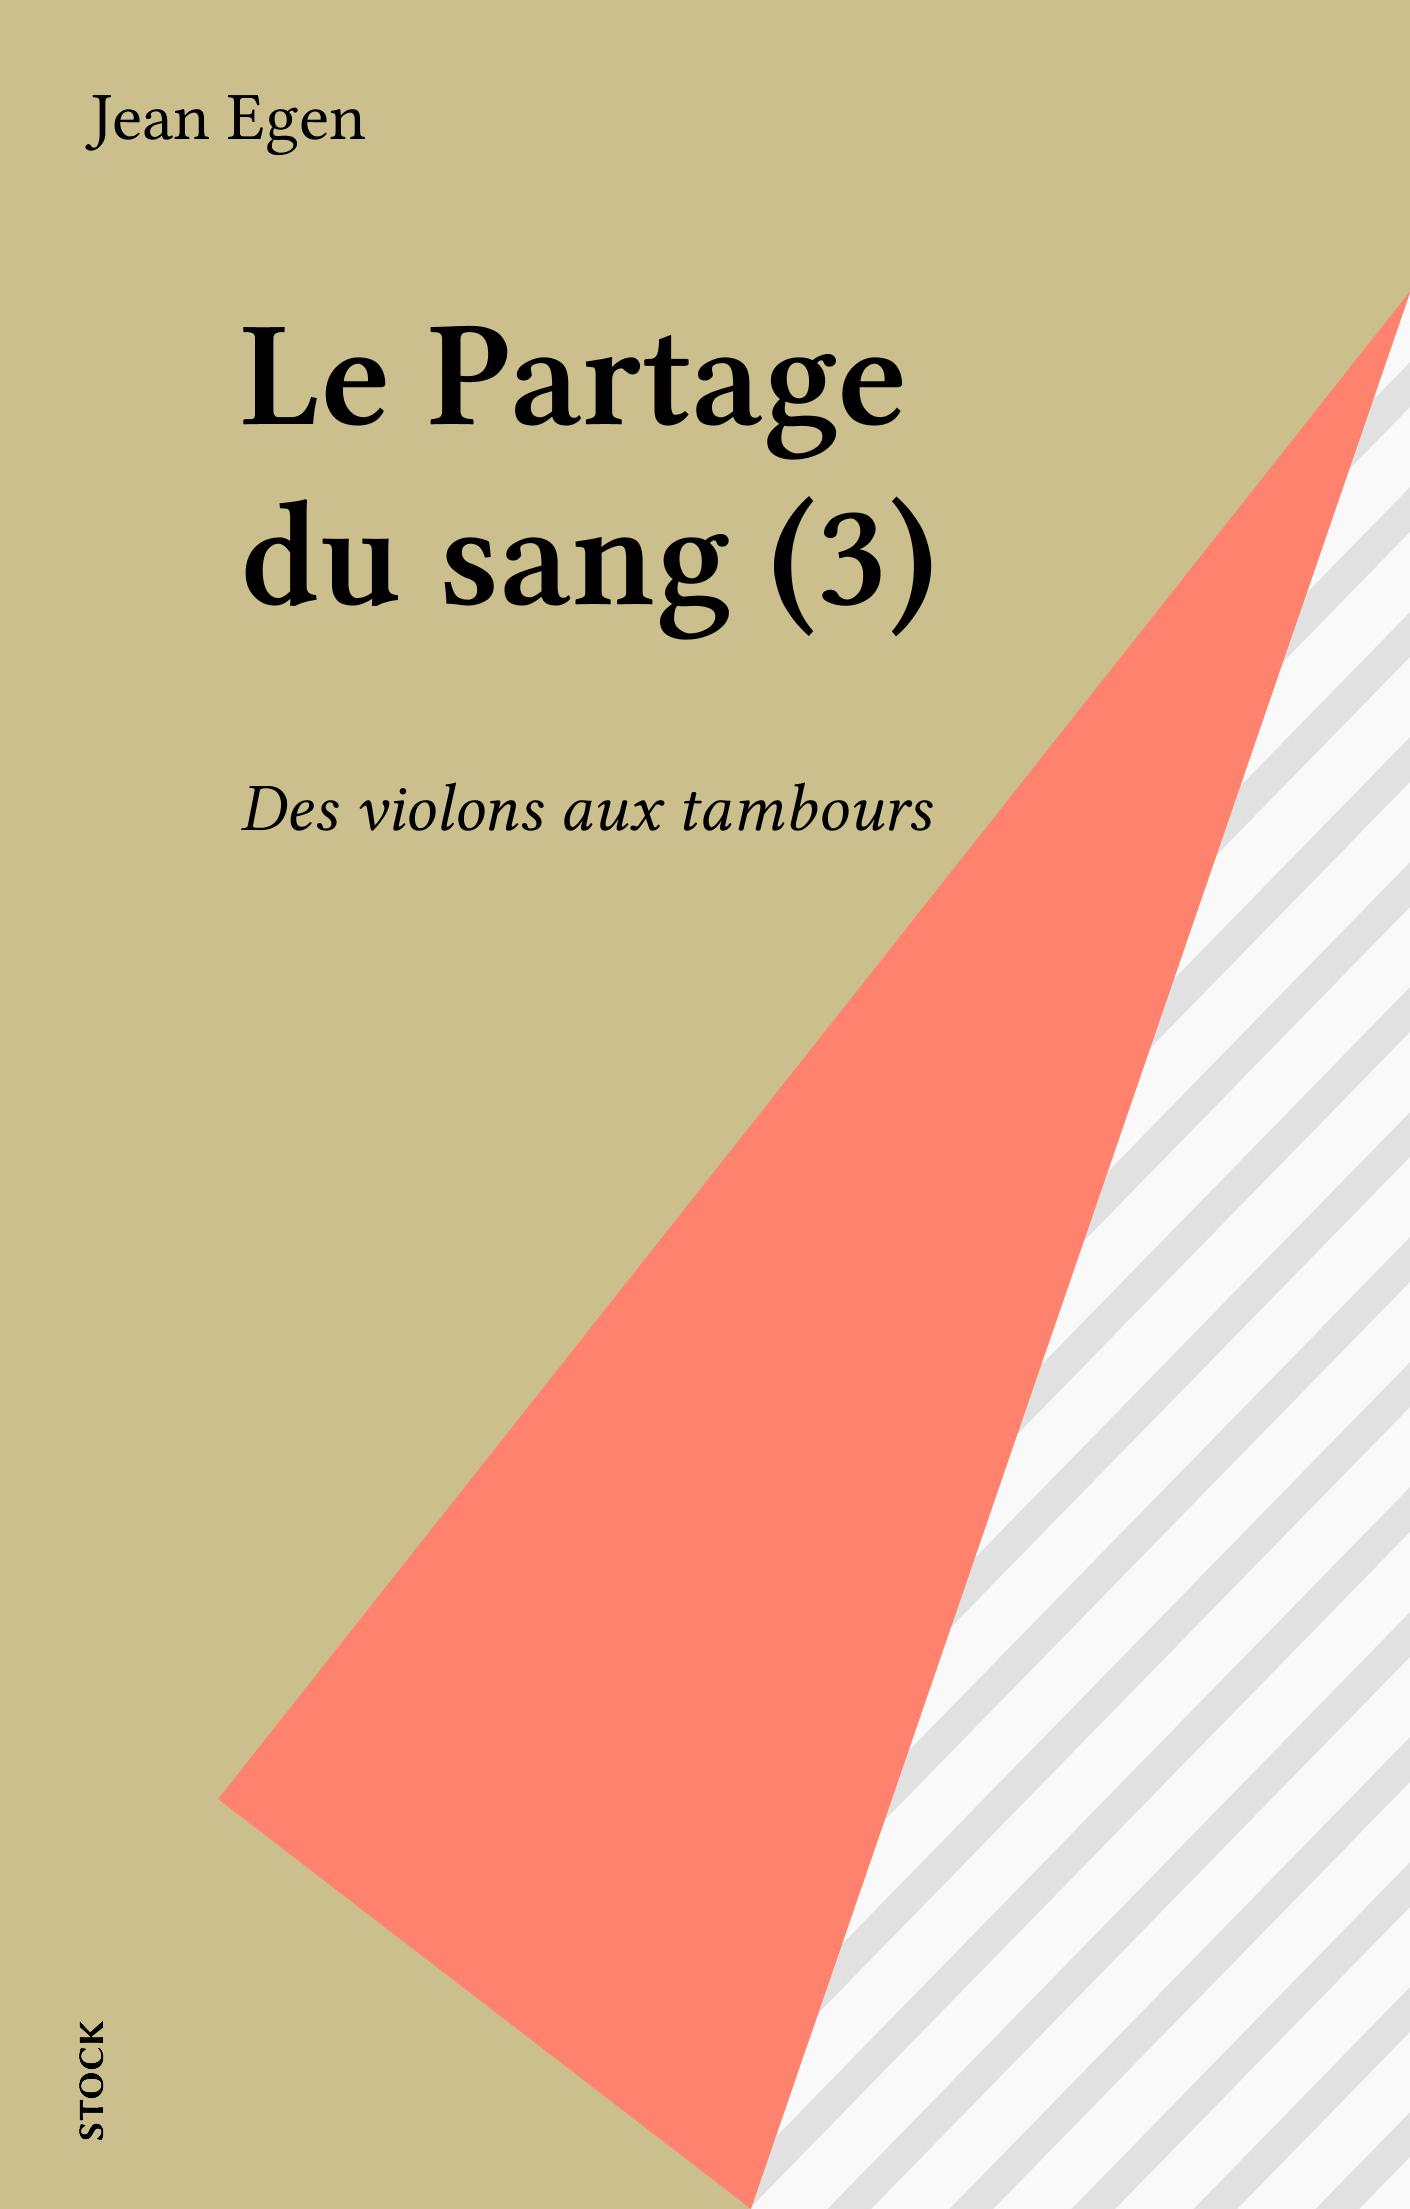 Le Partage du sang (3), DES VIOLONS AUX TAMBOURS